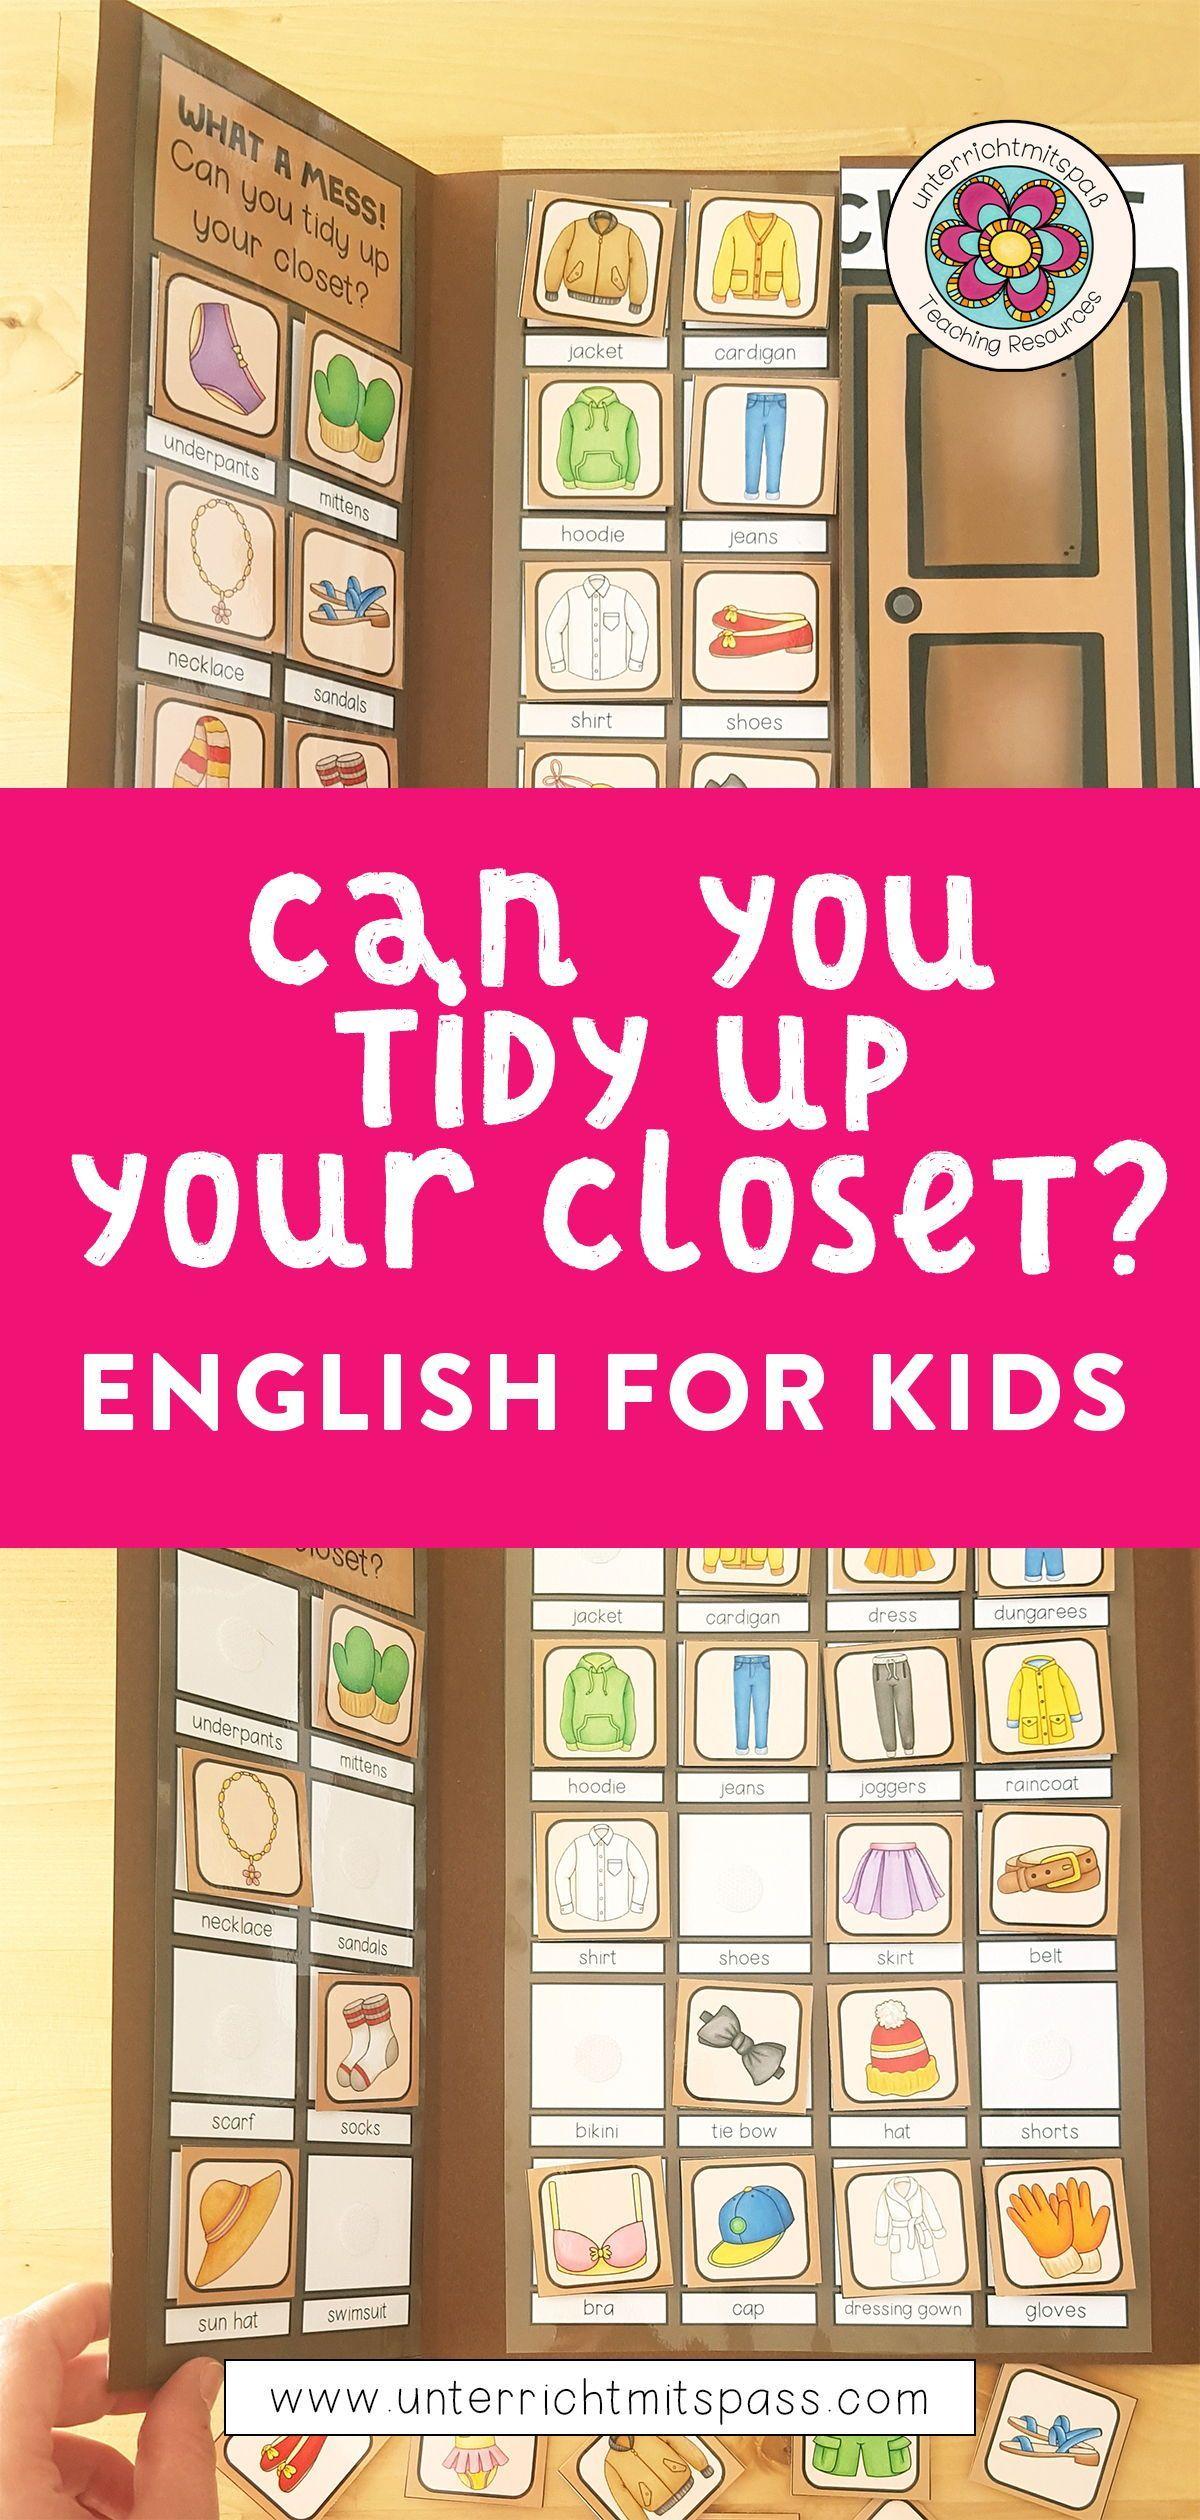 Clothes In My Closet Legeubung Klett Lapbook Unterrichtsmaterial Im Fach Englisch In 2020 Unterrichtsmaterial Vokabeln Lernen Englisch Lernen Kinder